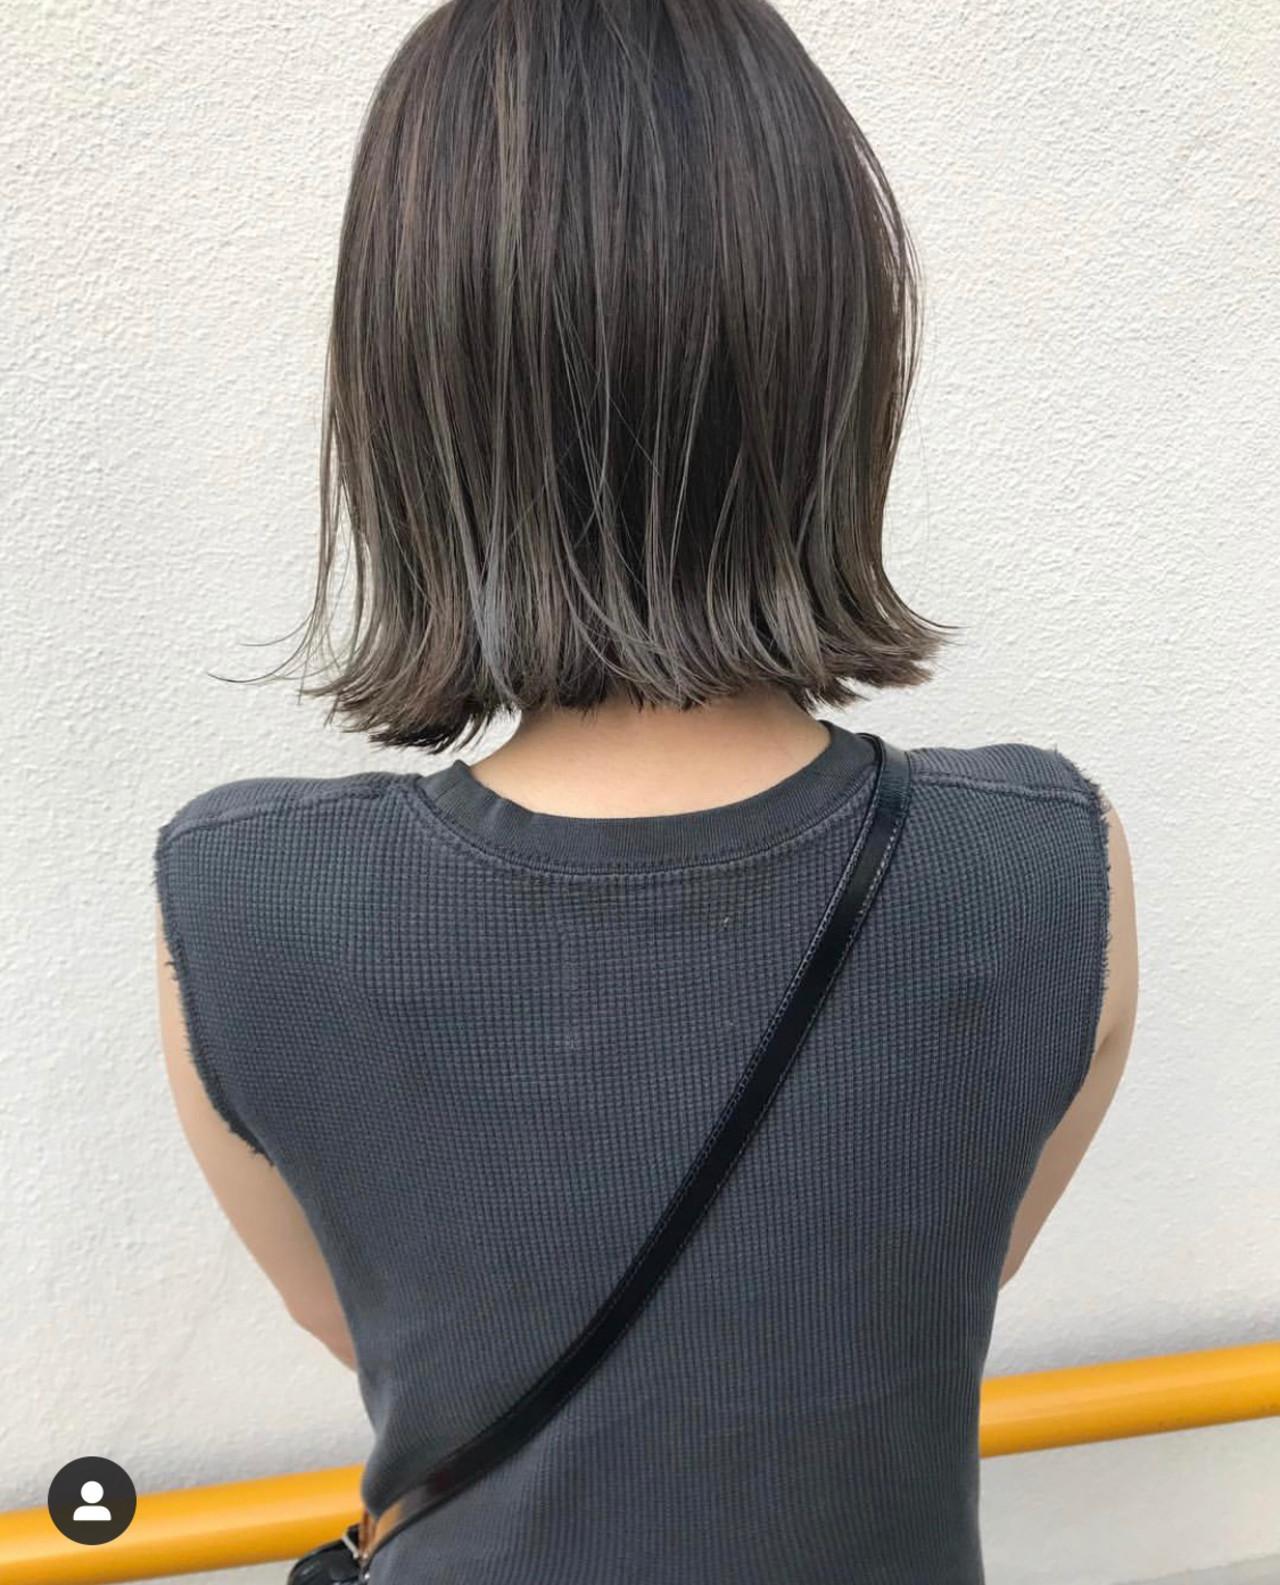 ミニボブ 切りっぱなしボブ ナチュラル ボブ ヘアスタイルや髪型の写真・画像